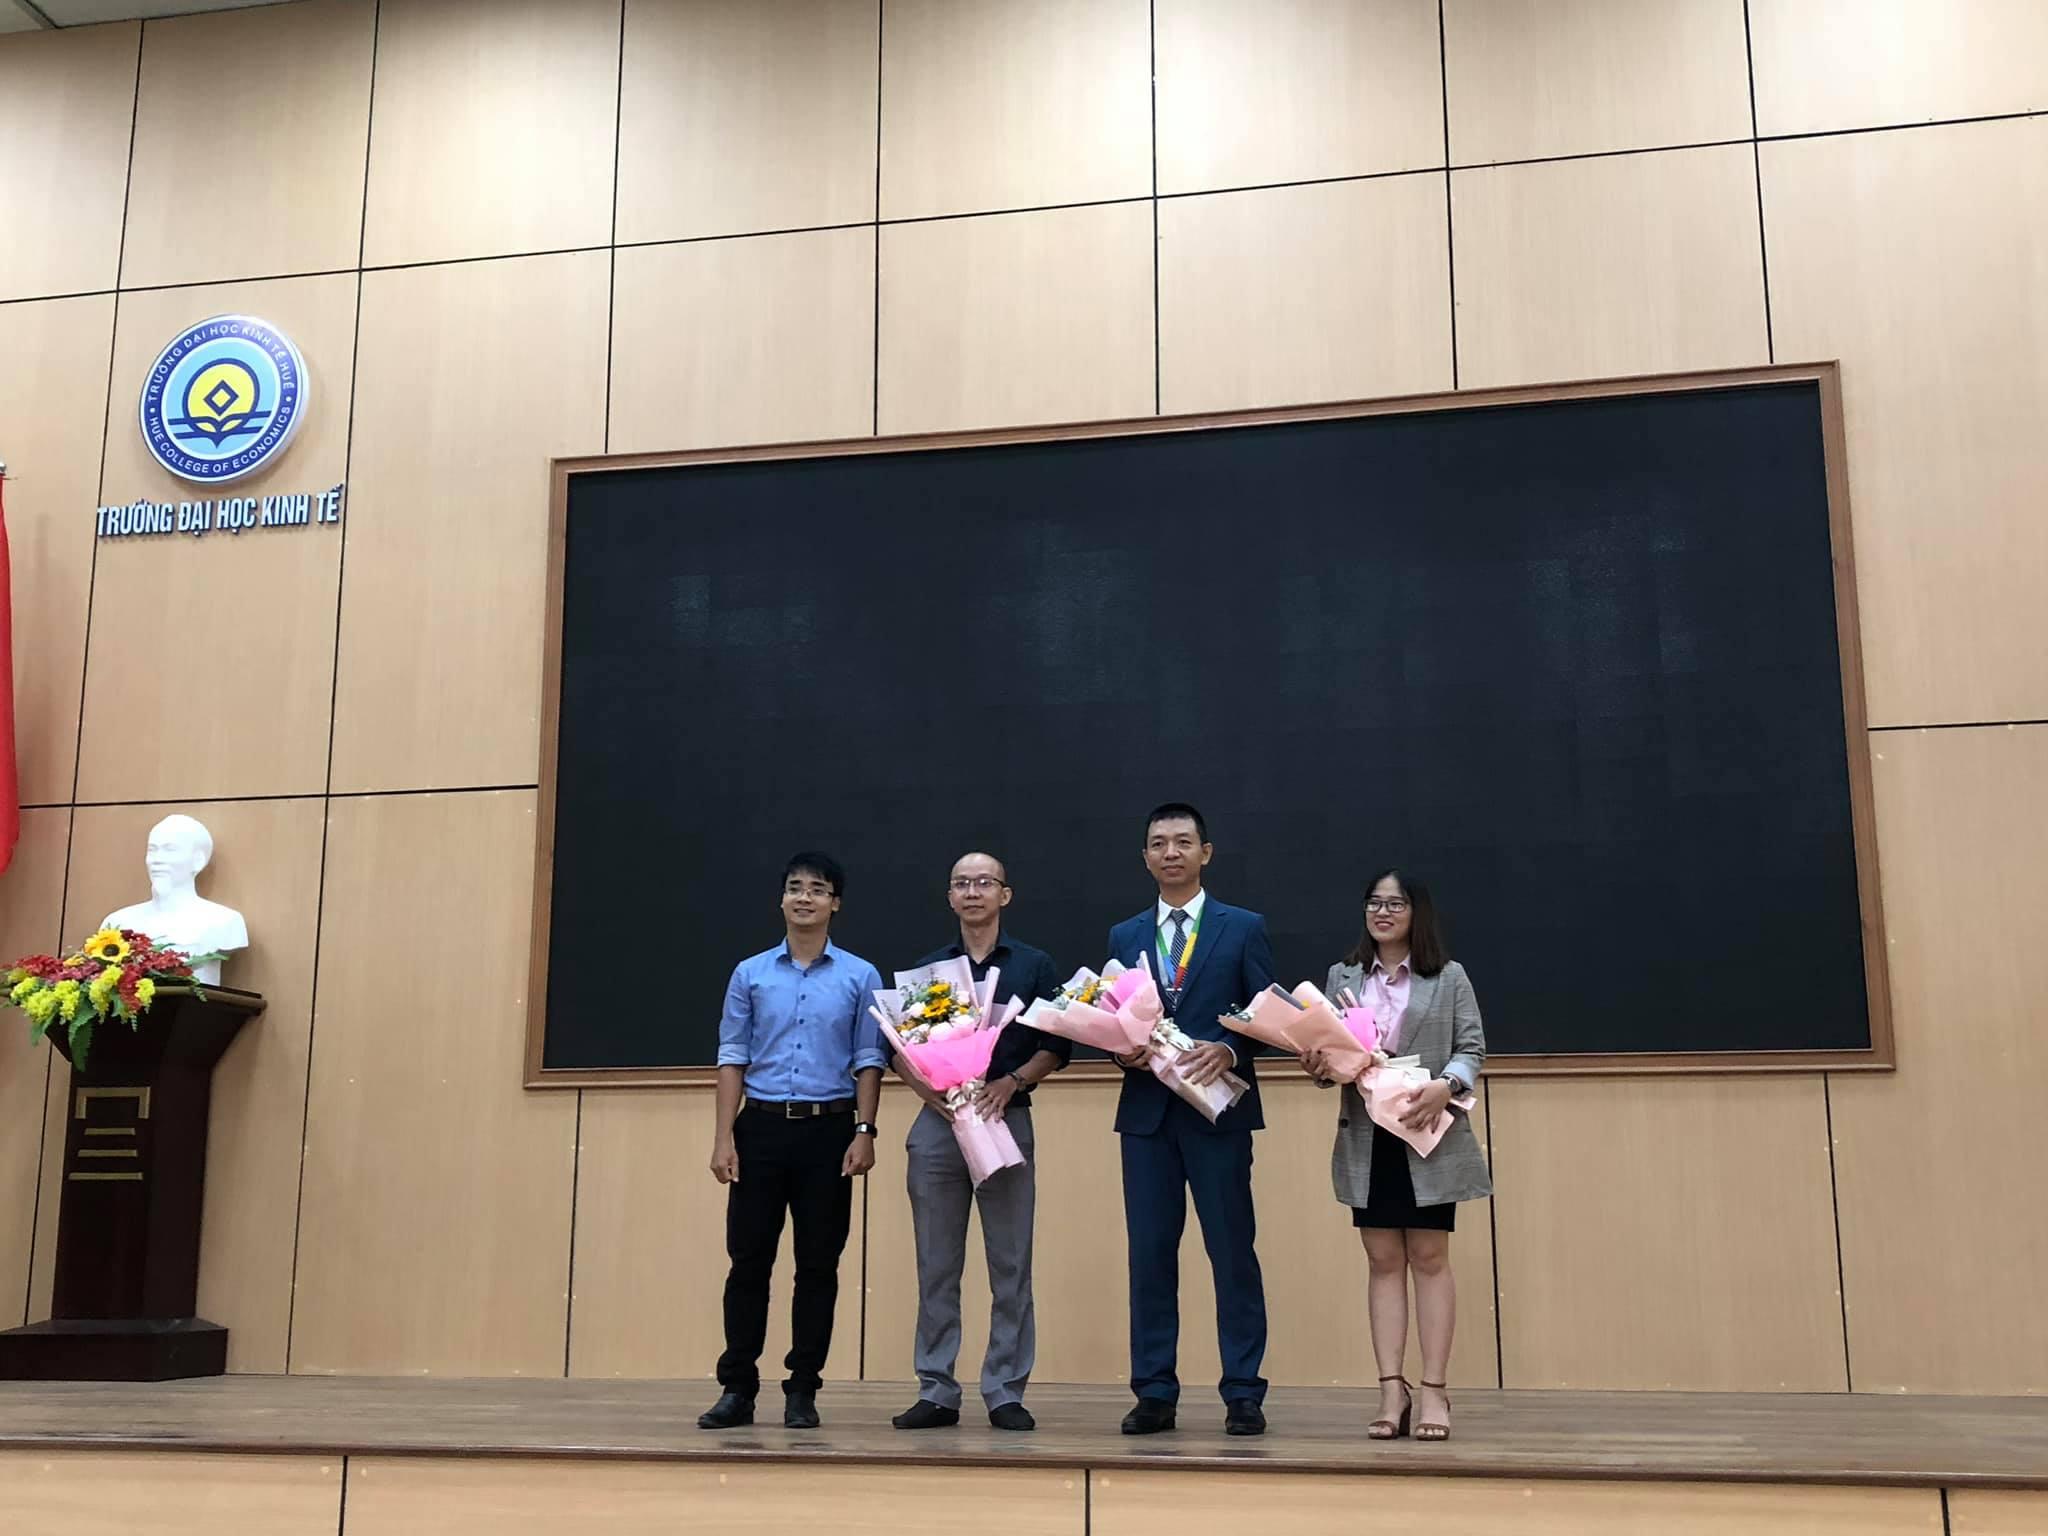 OABI tổ chức chương trình Vietnam Digital 4.0 cùng GOOGLE & trường ĐH Kinh Tế 1